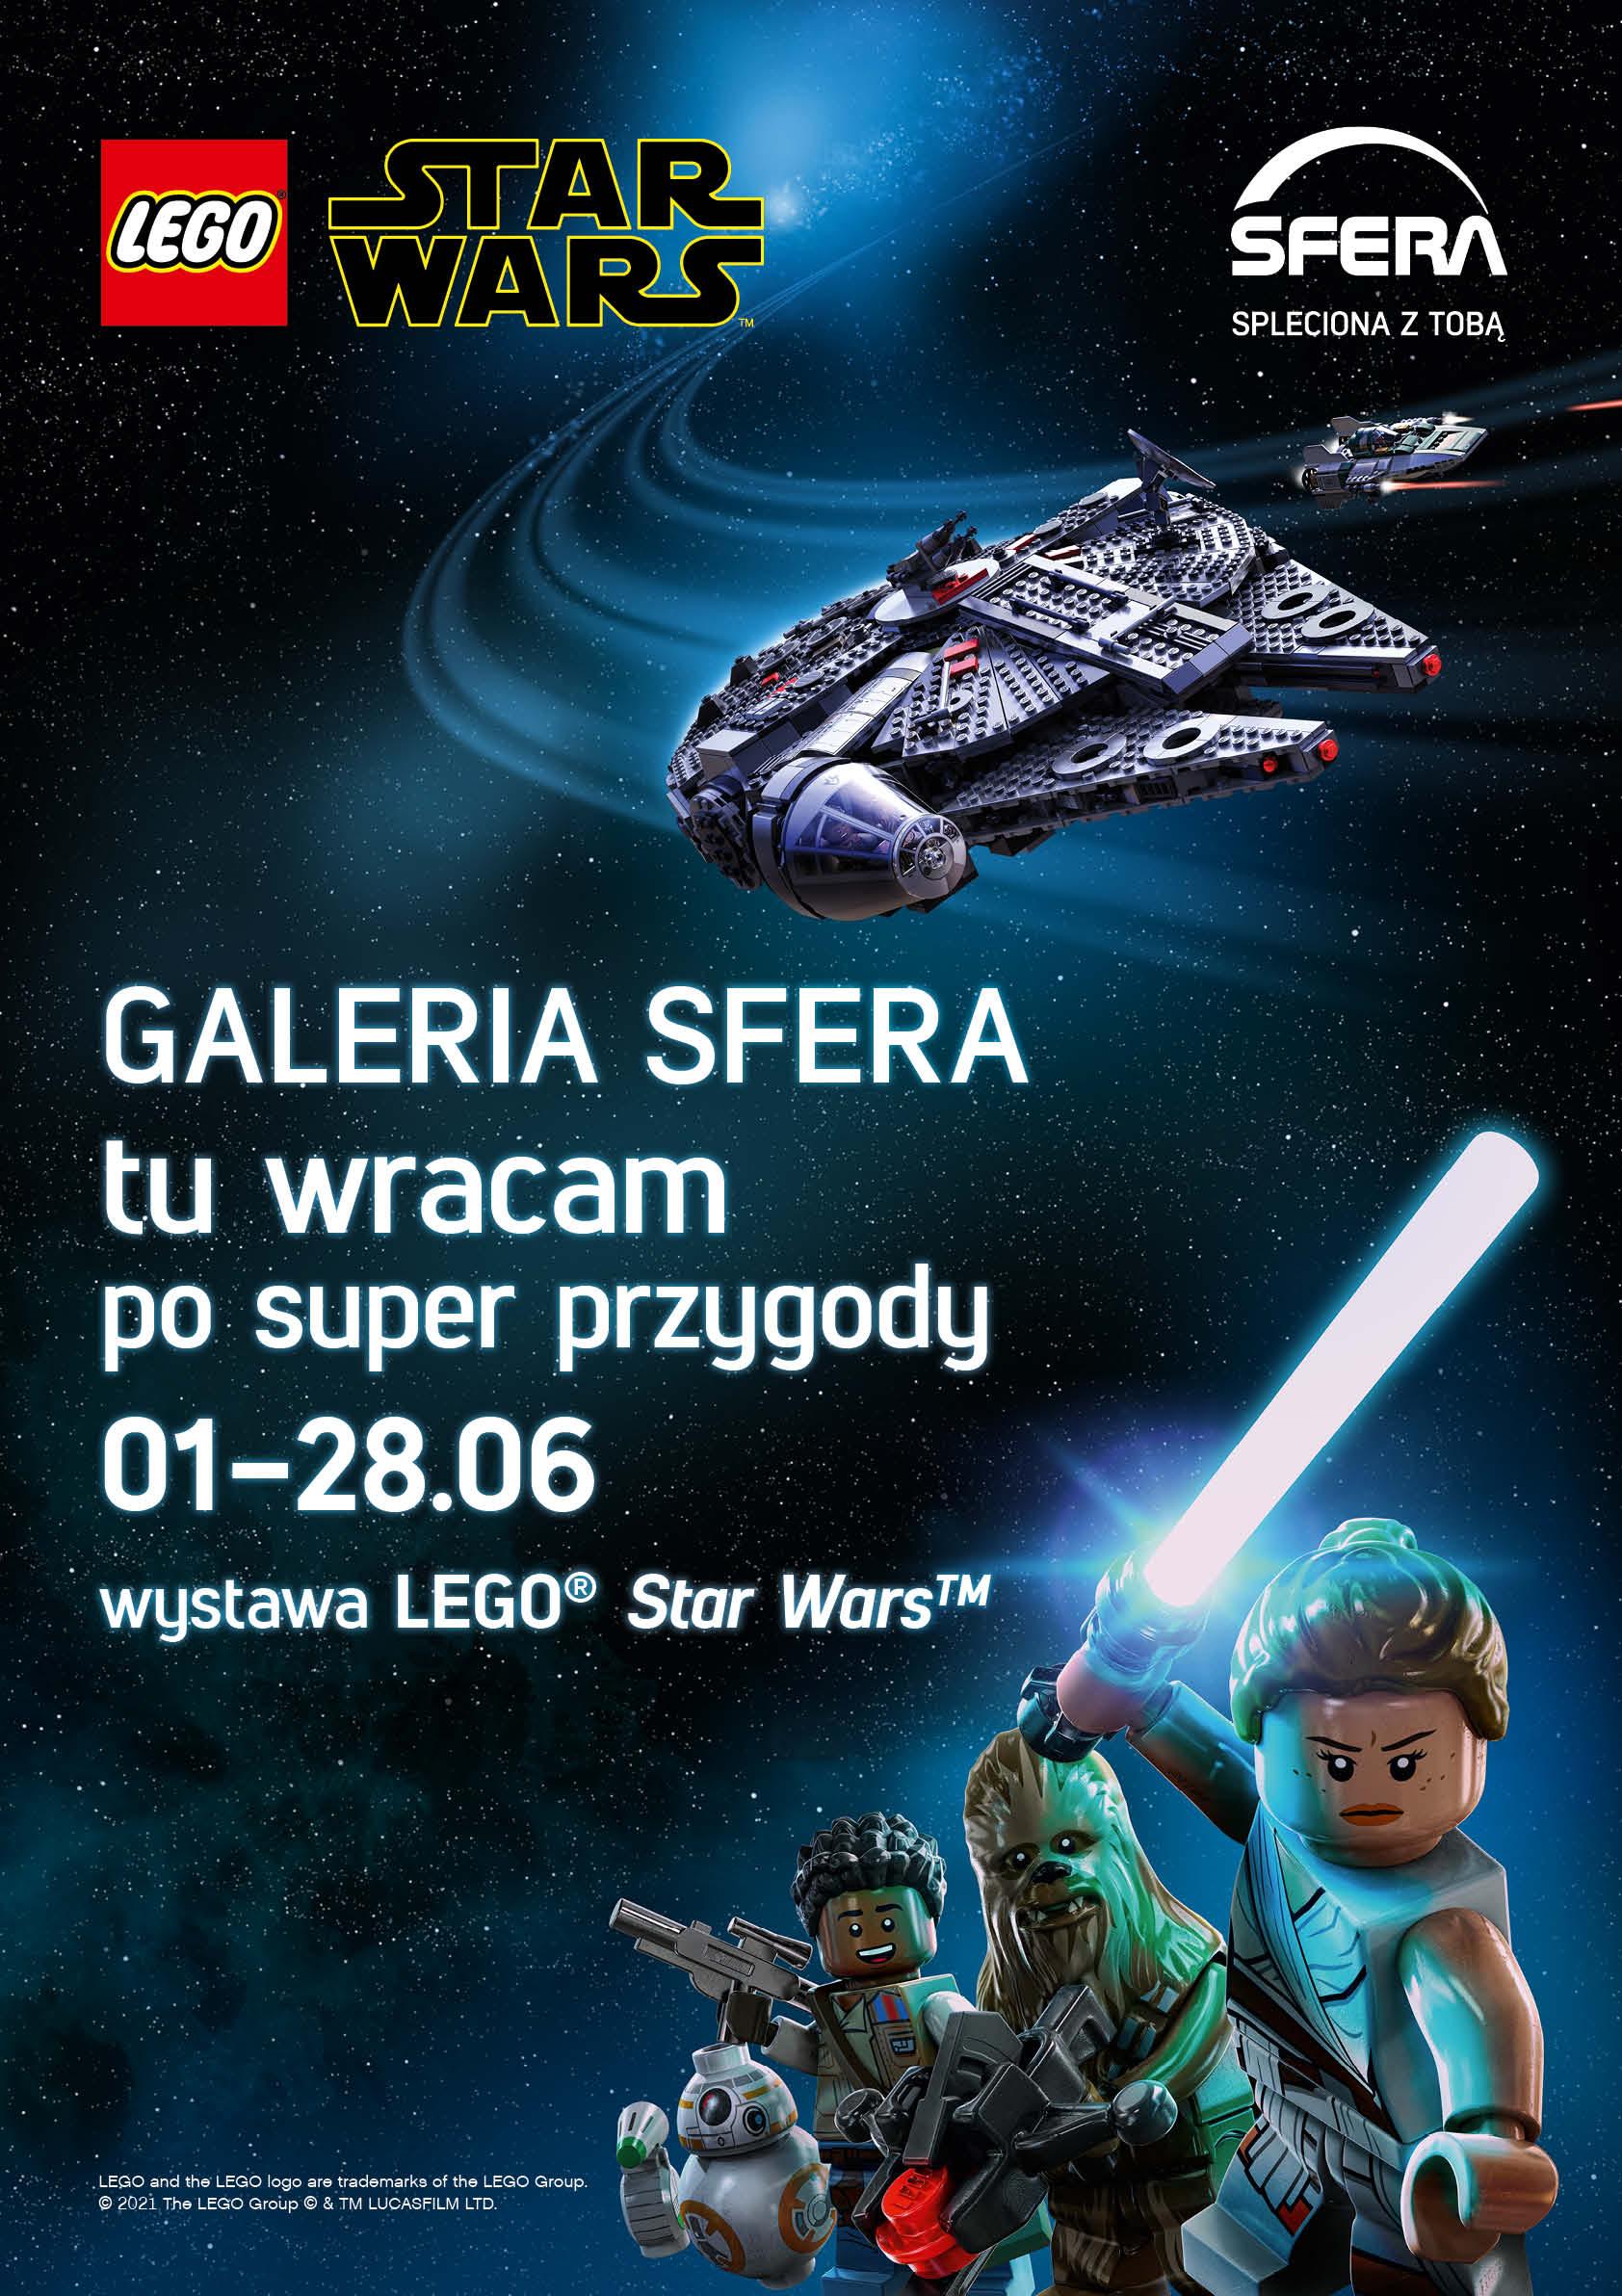 Wystawa Lego Star Wars Na Dzień Dziecka